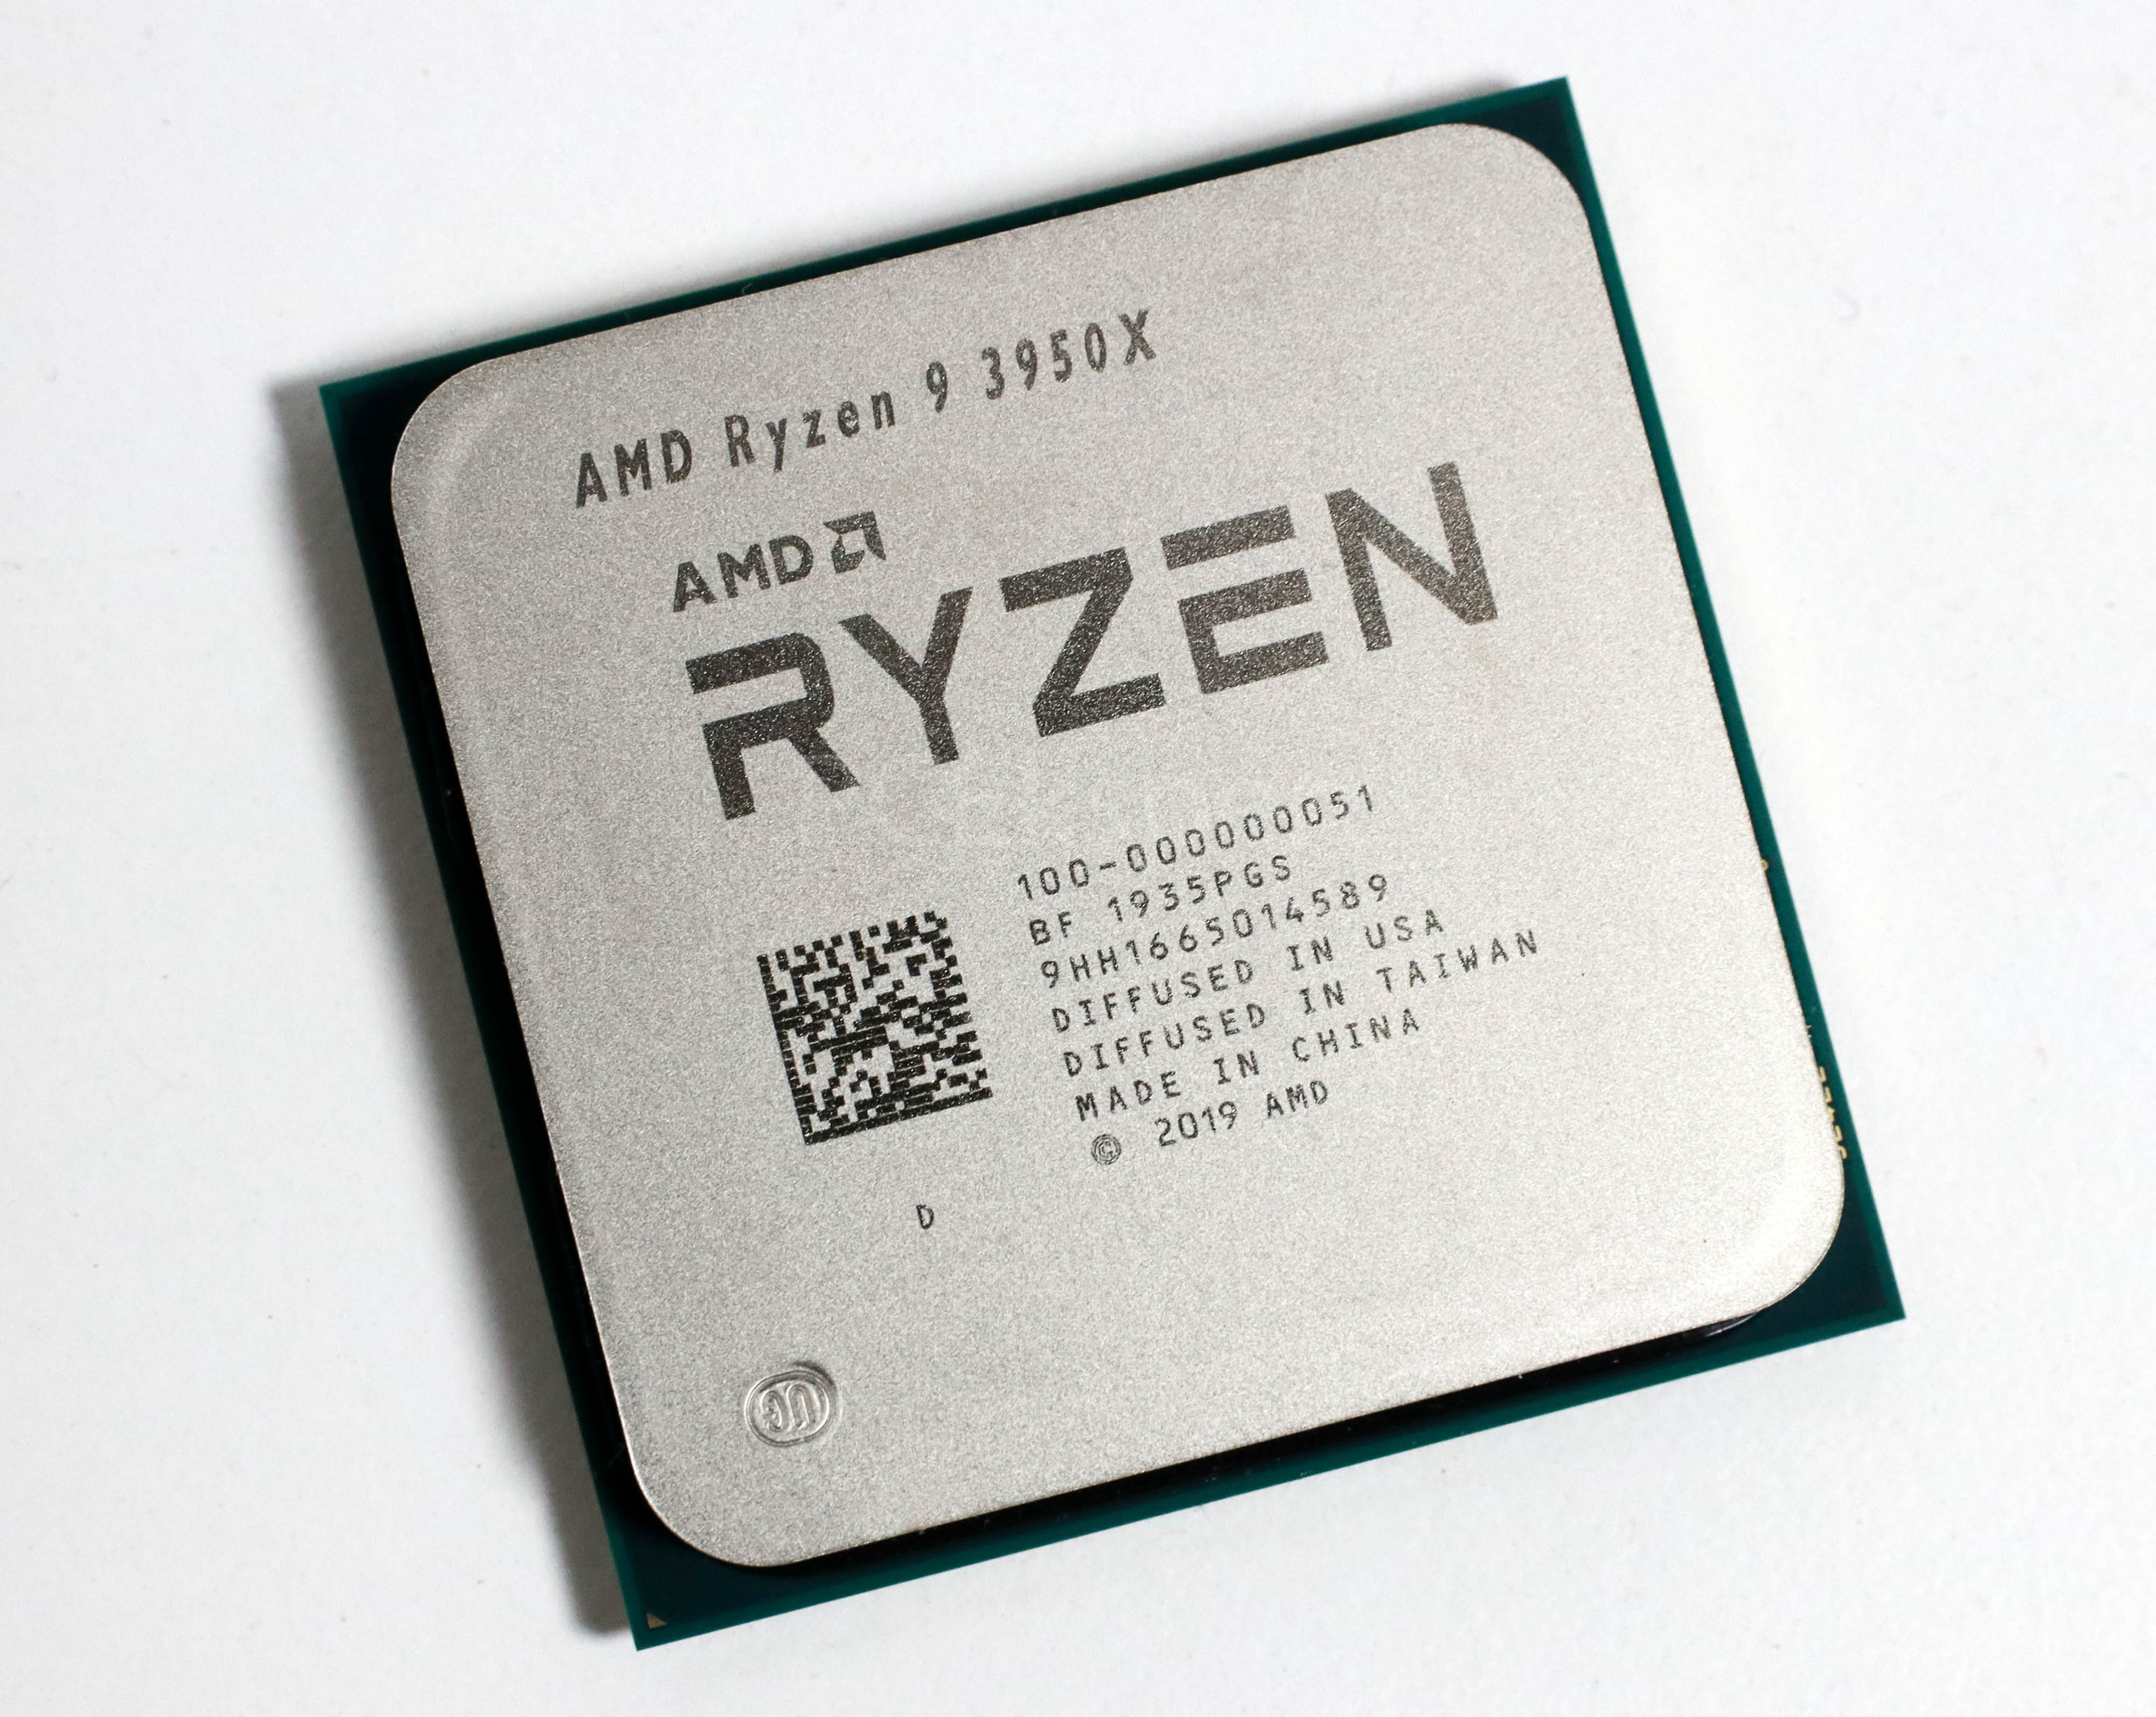 AMD Ryzen 9 3950X recenzija